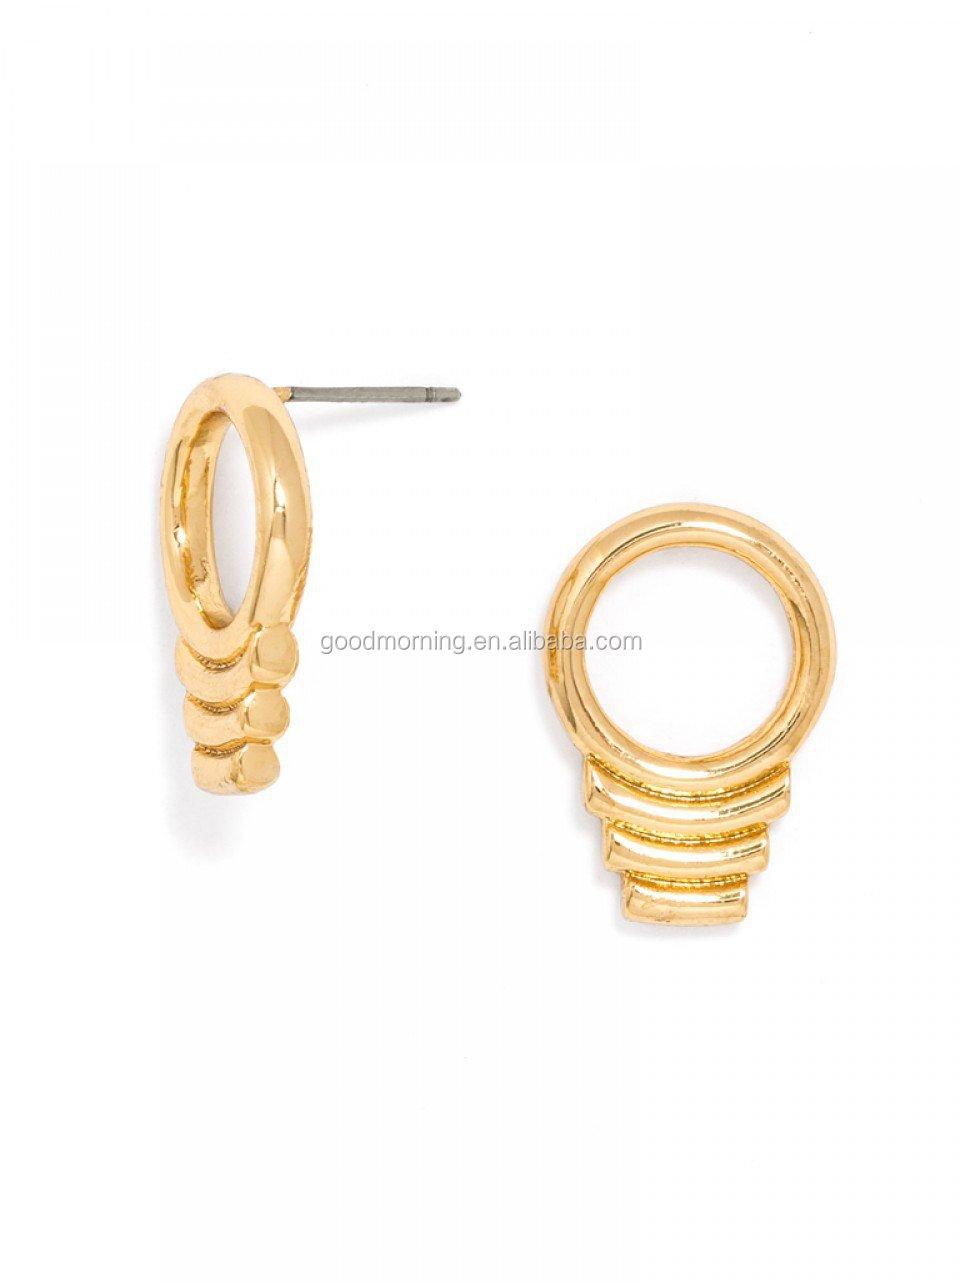 16mm Half Pearl Monogram Blanks Stud Earring